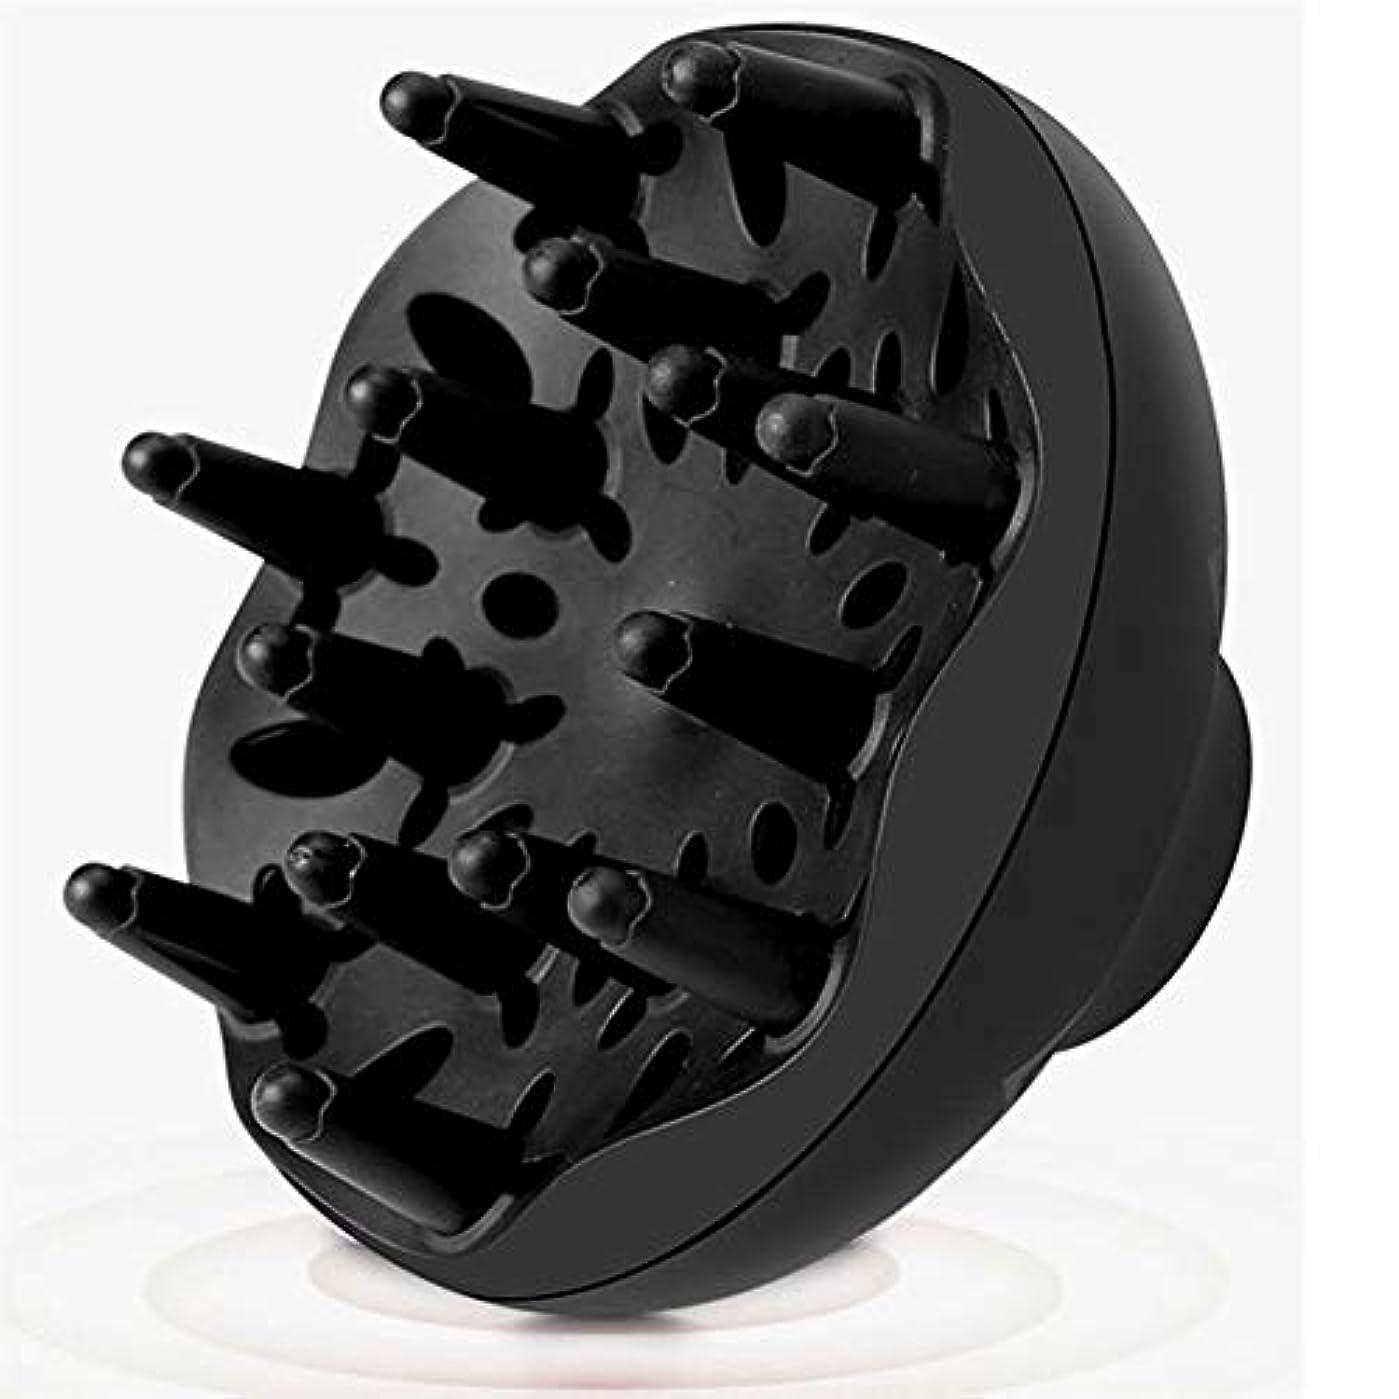 砲撃記念品落胆させる2019ブラックカーリングヘアドライヤーラジエーターファッションナチュラルヘアスタイルブロワーディフューザーカール huang